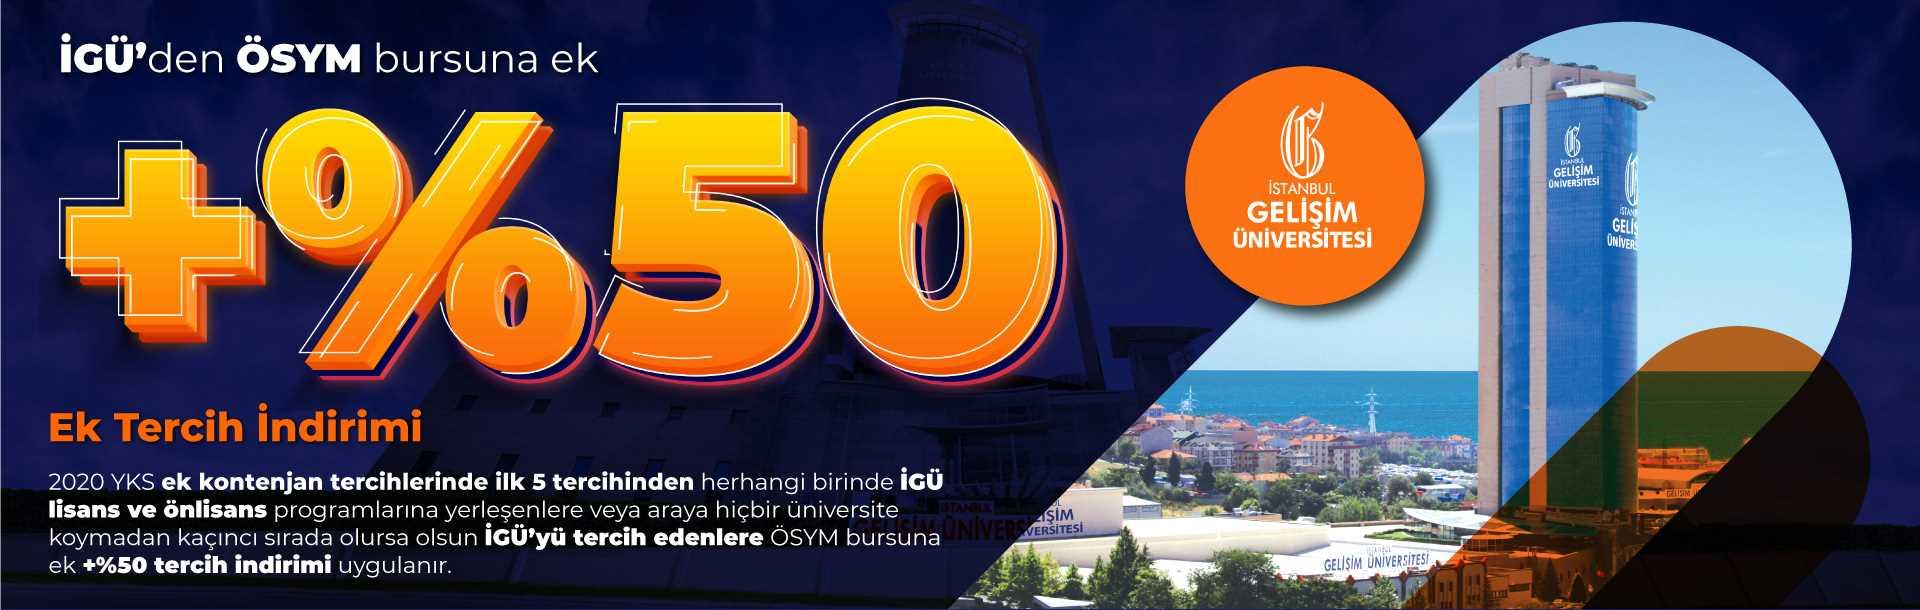 Ek Tercihler - 2020 - İstanbul Gelişim Üniversitesi